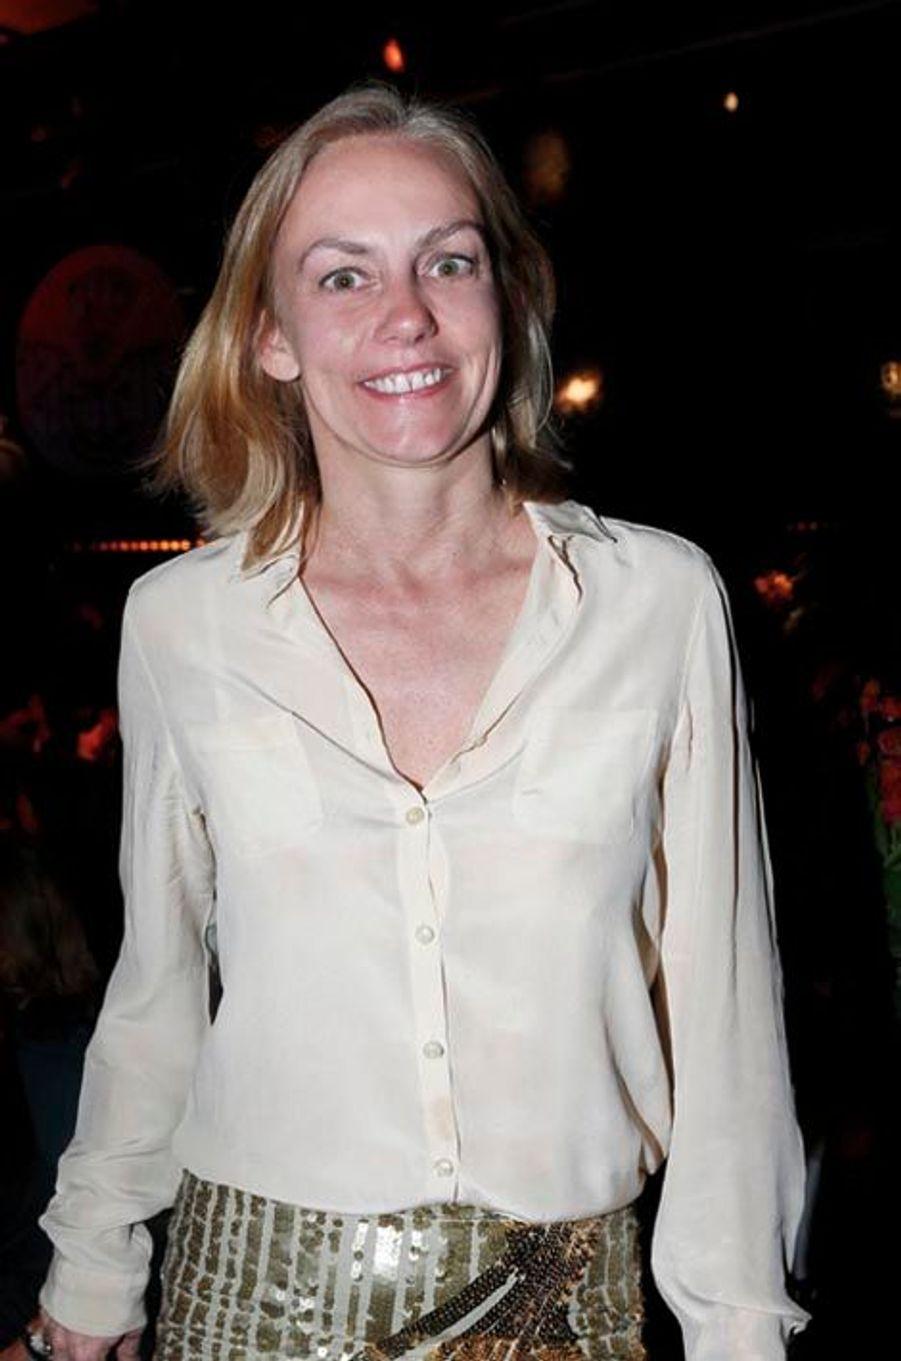 Créatrice d'Antik Batik, Gabrielle Cortese avait fait tous les costumes du spectacle.